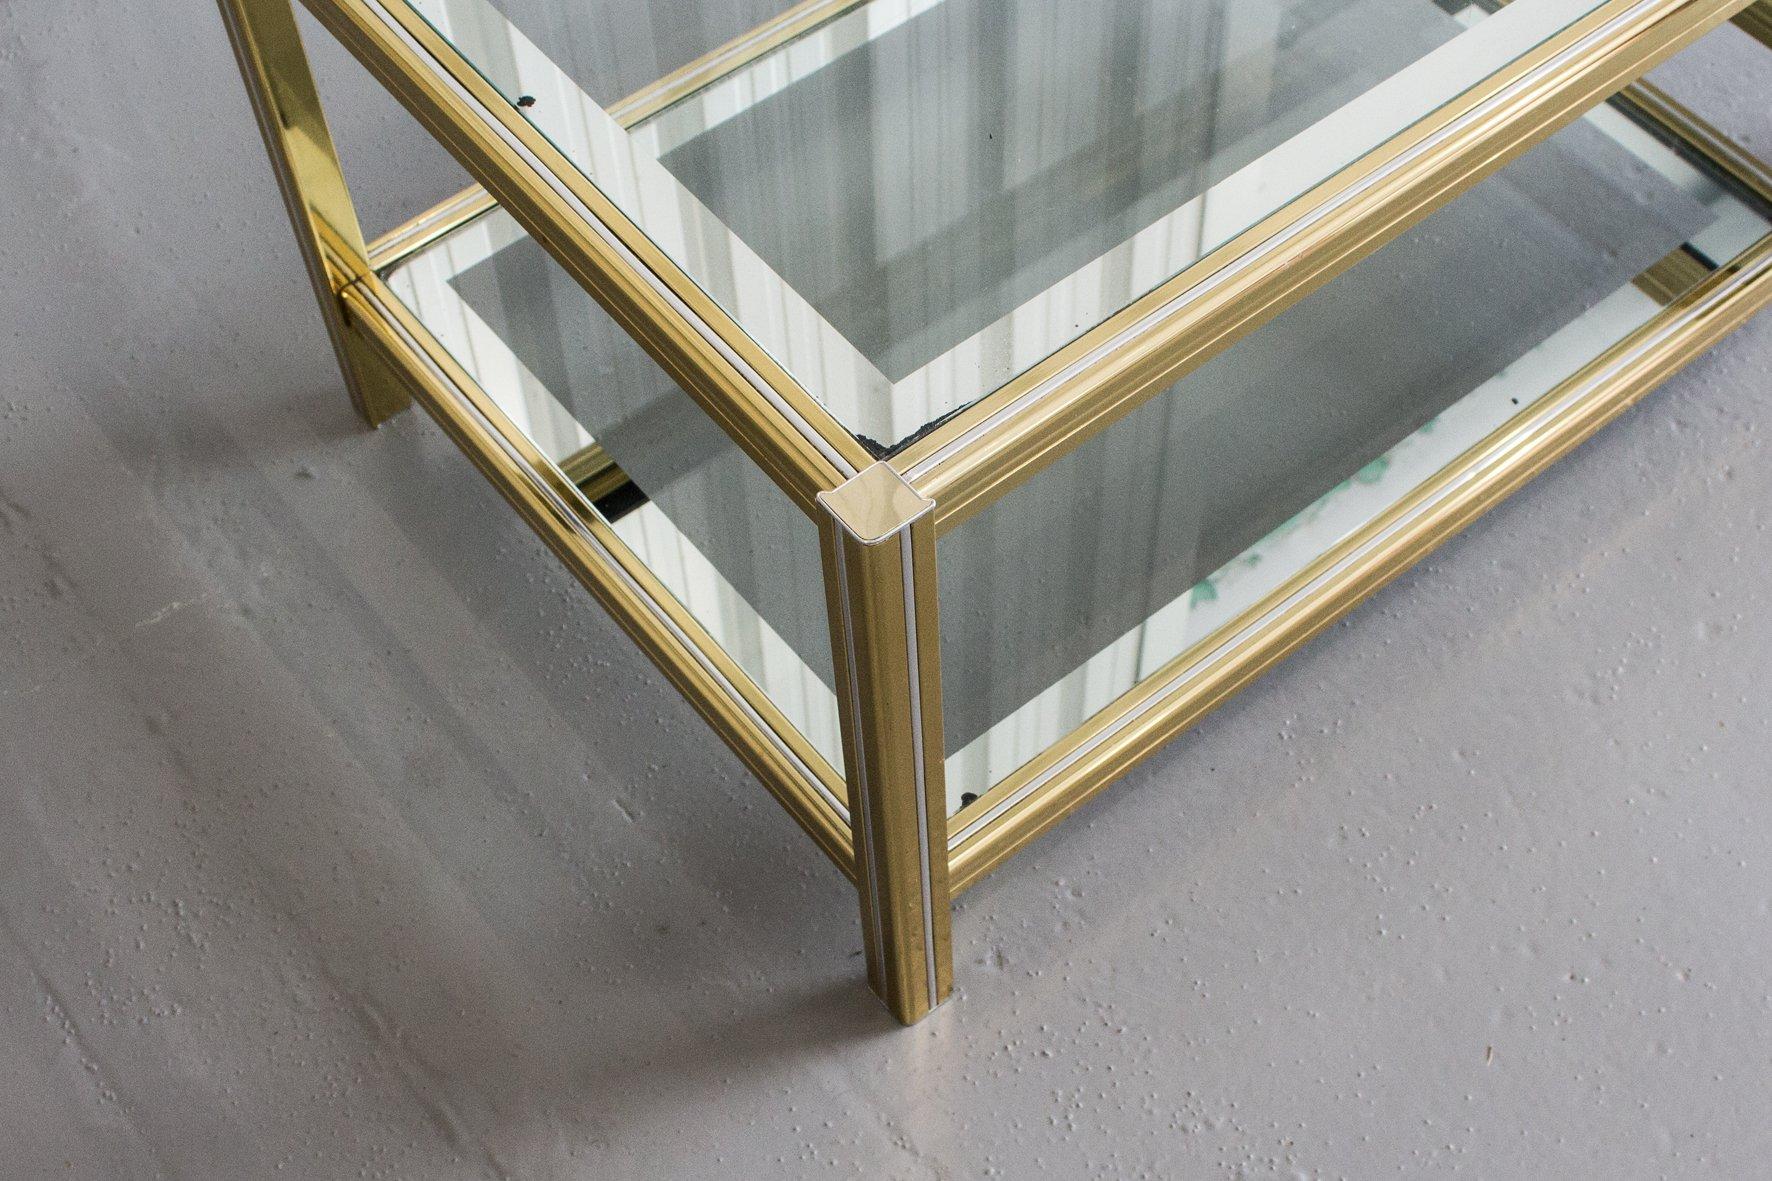 Goldener couchtisch mit zwei glas ebenen 1970er bei for Couchtisch 3 ebenen